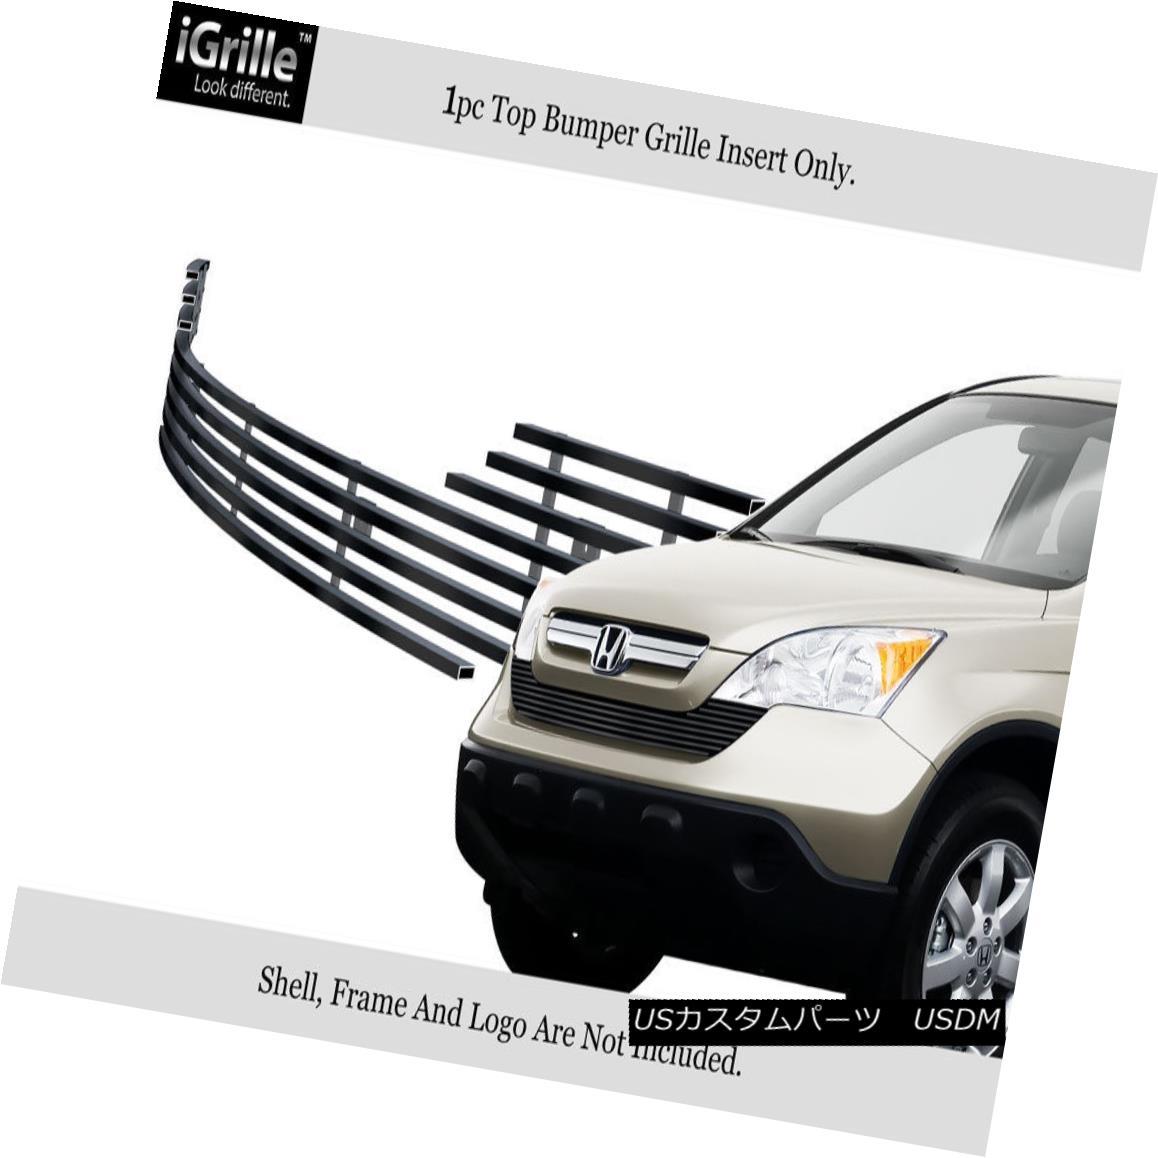 グリル Fits 2007-2009 Honda CR-V Black Bumper Stainless Steel Billet Grille Insert 2007-2009ホンダCR-Vブラックバンパーステンレススチールビレットグリルインサートに適合